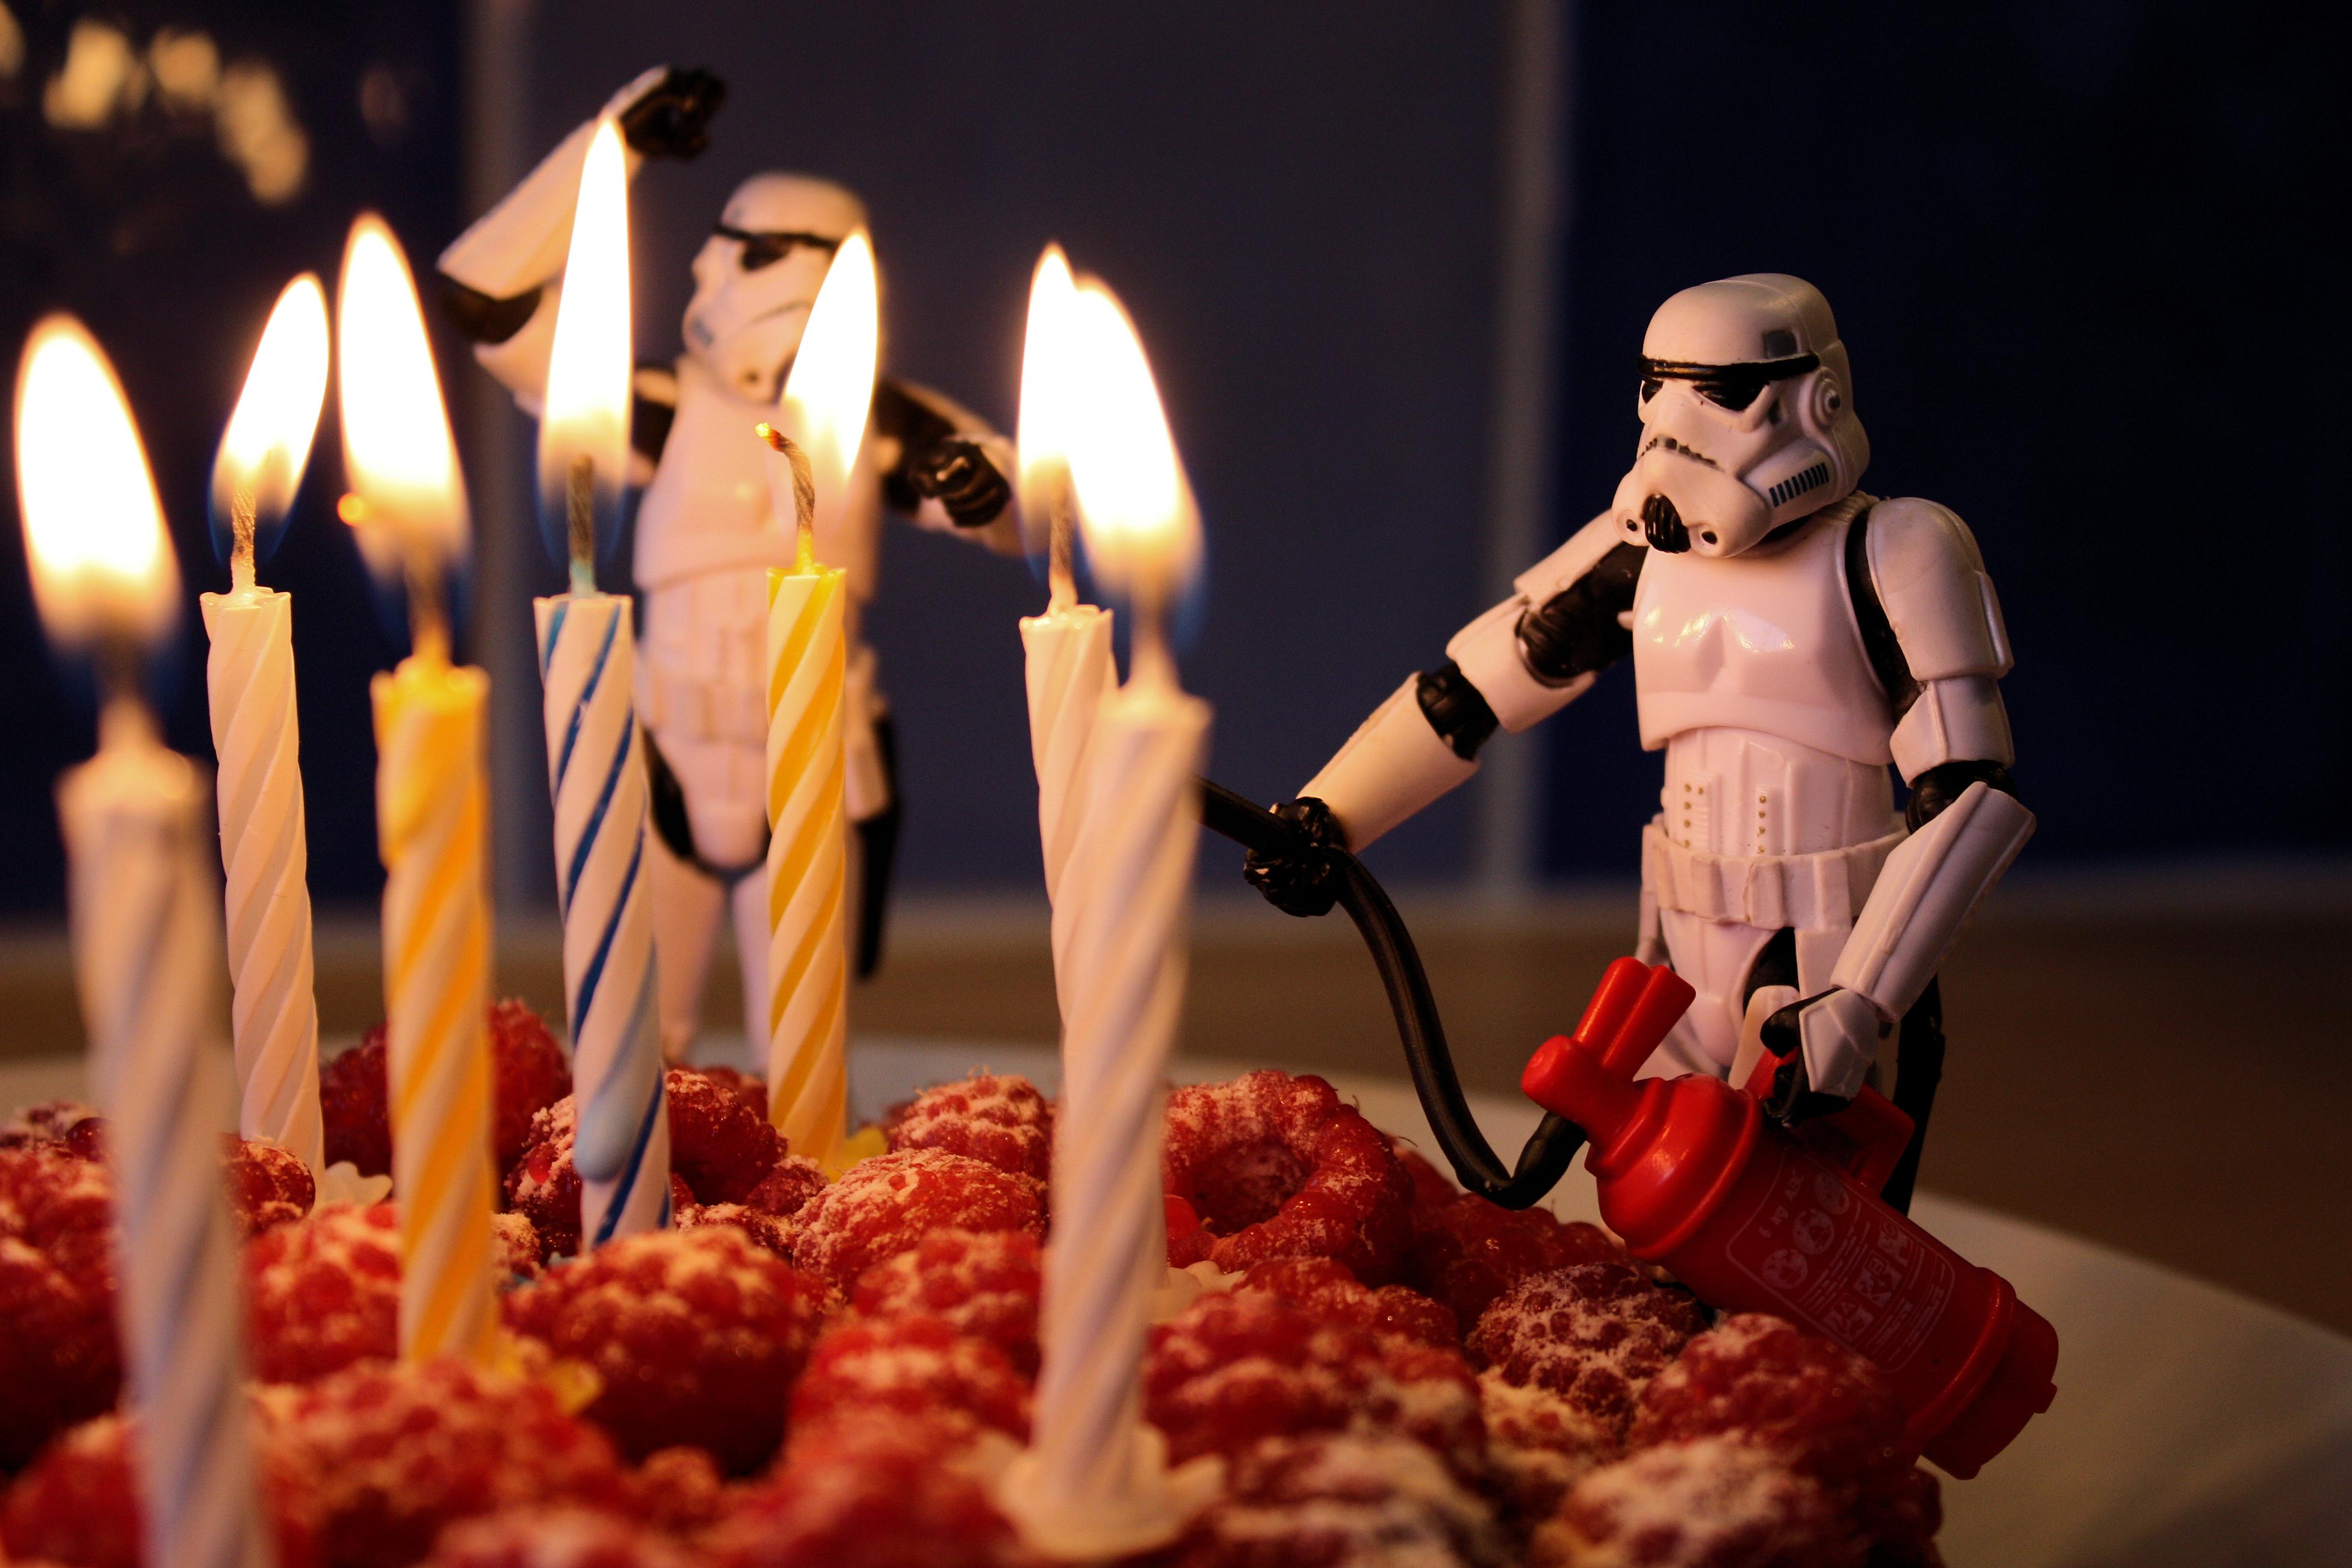 Поздравления с днем рождения от звёздных войн 813